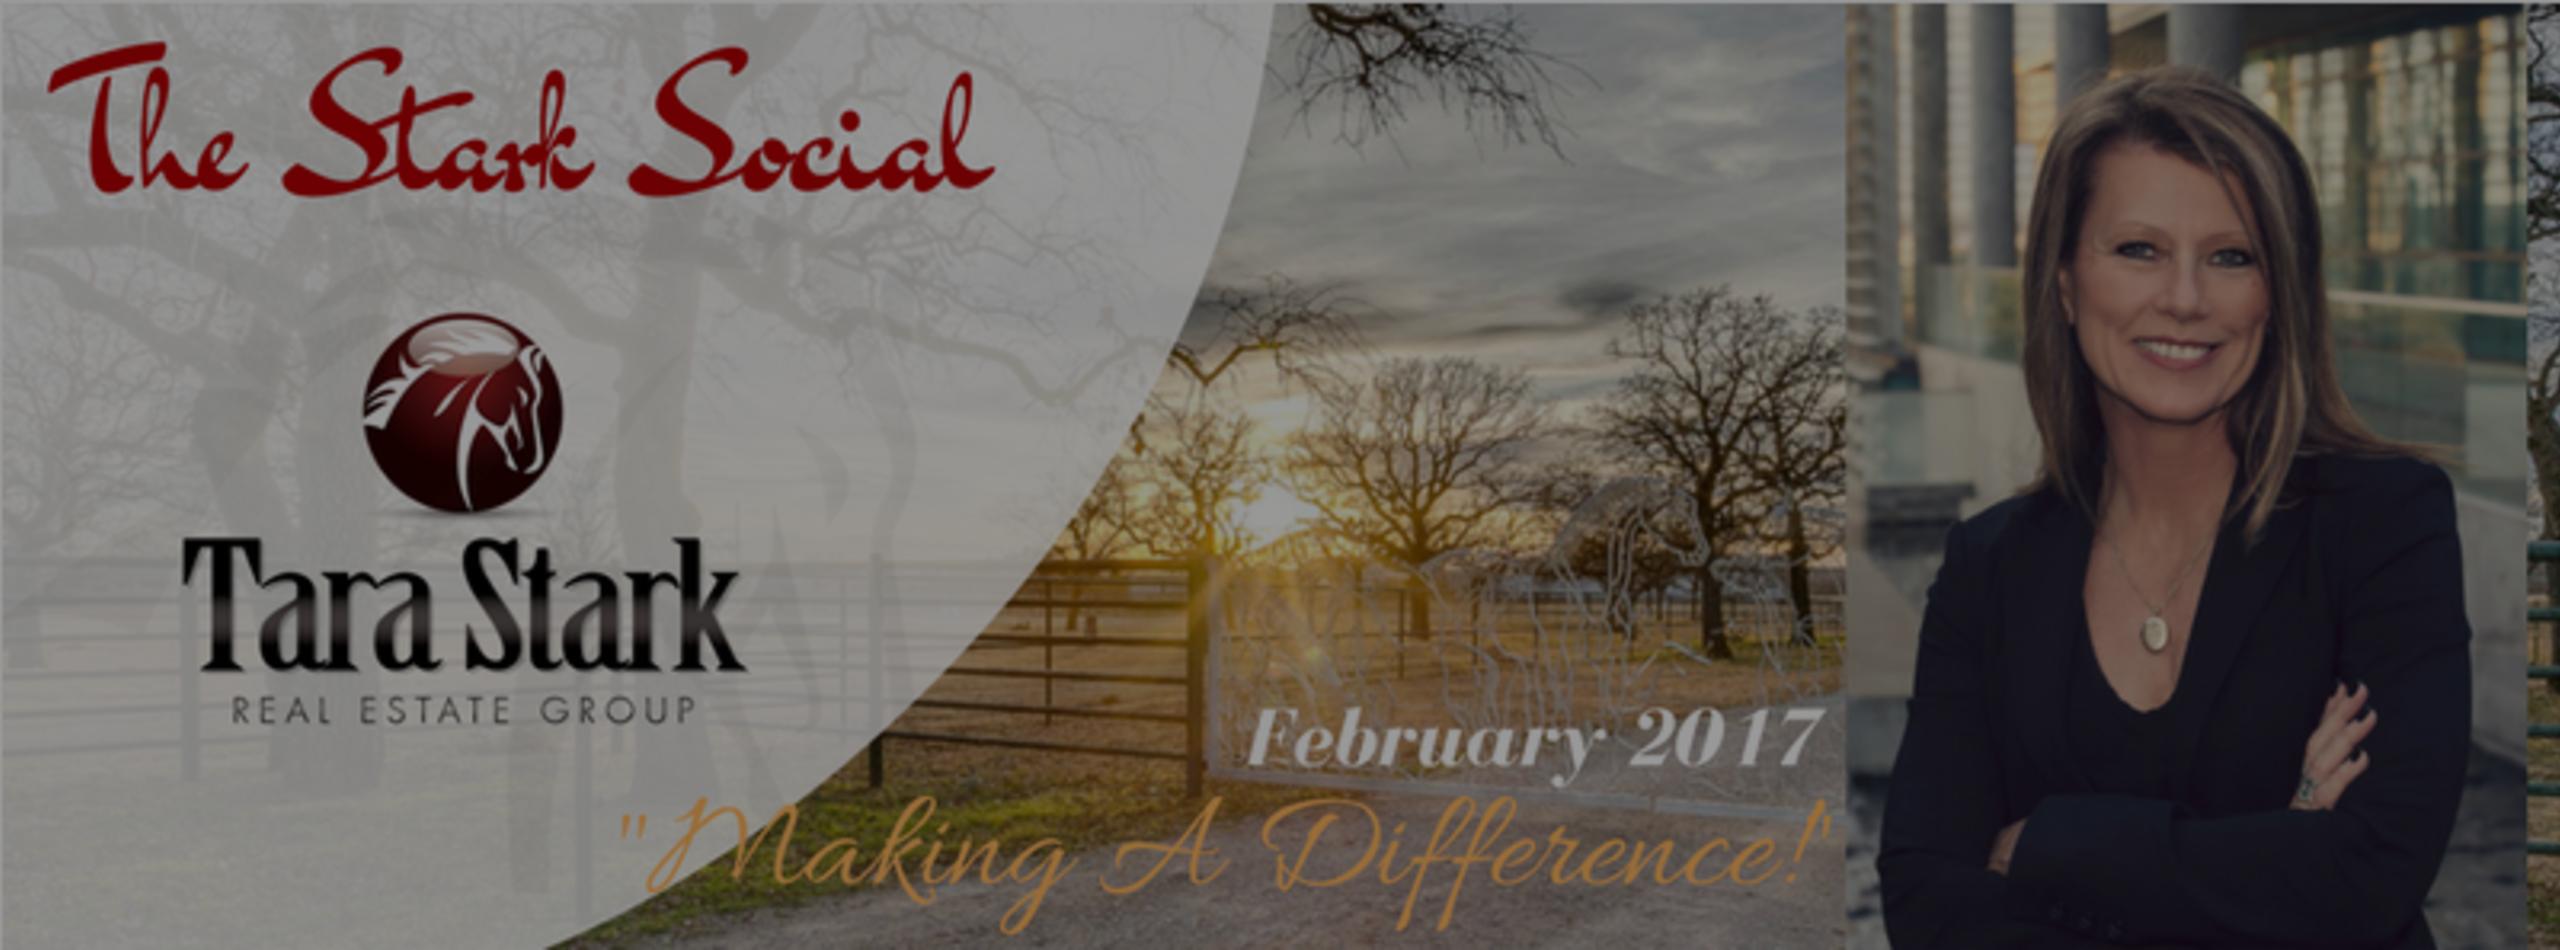 The Stark Social – February 2017